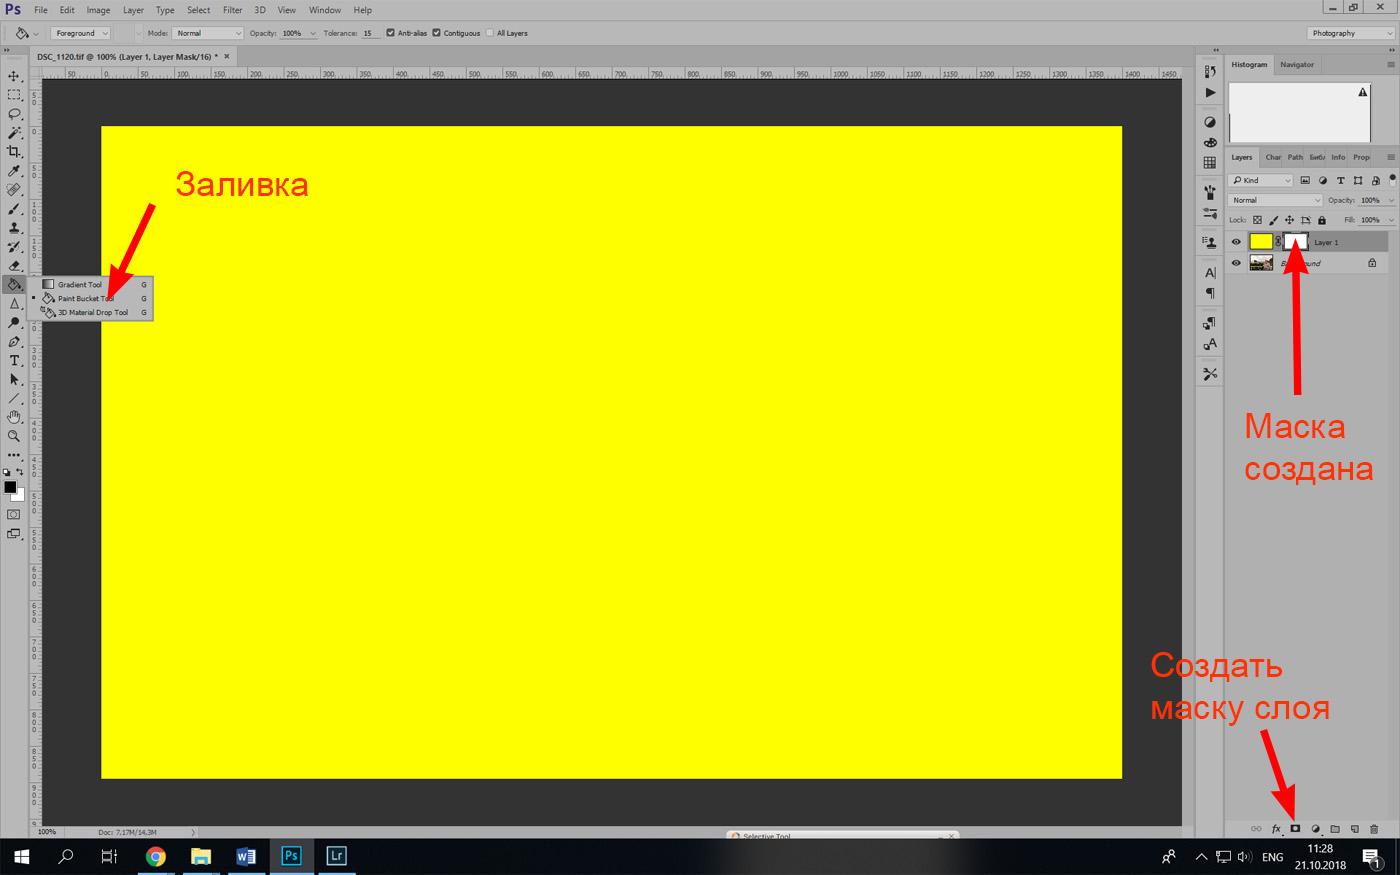 Фото 3. Результат применения заливки нового слоя в «Photoshop».